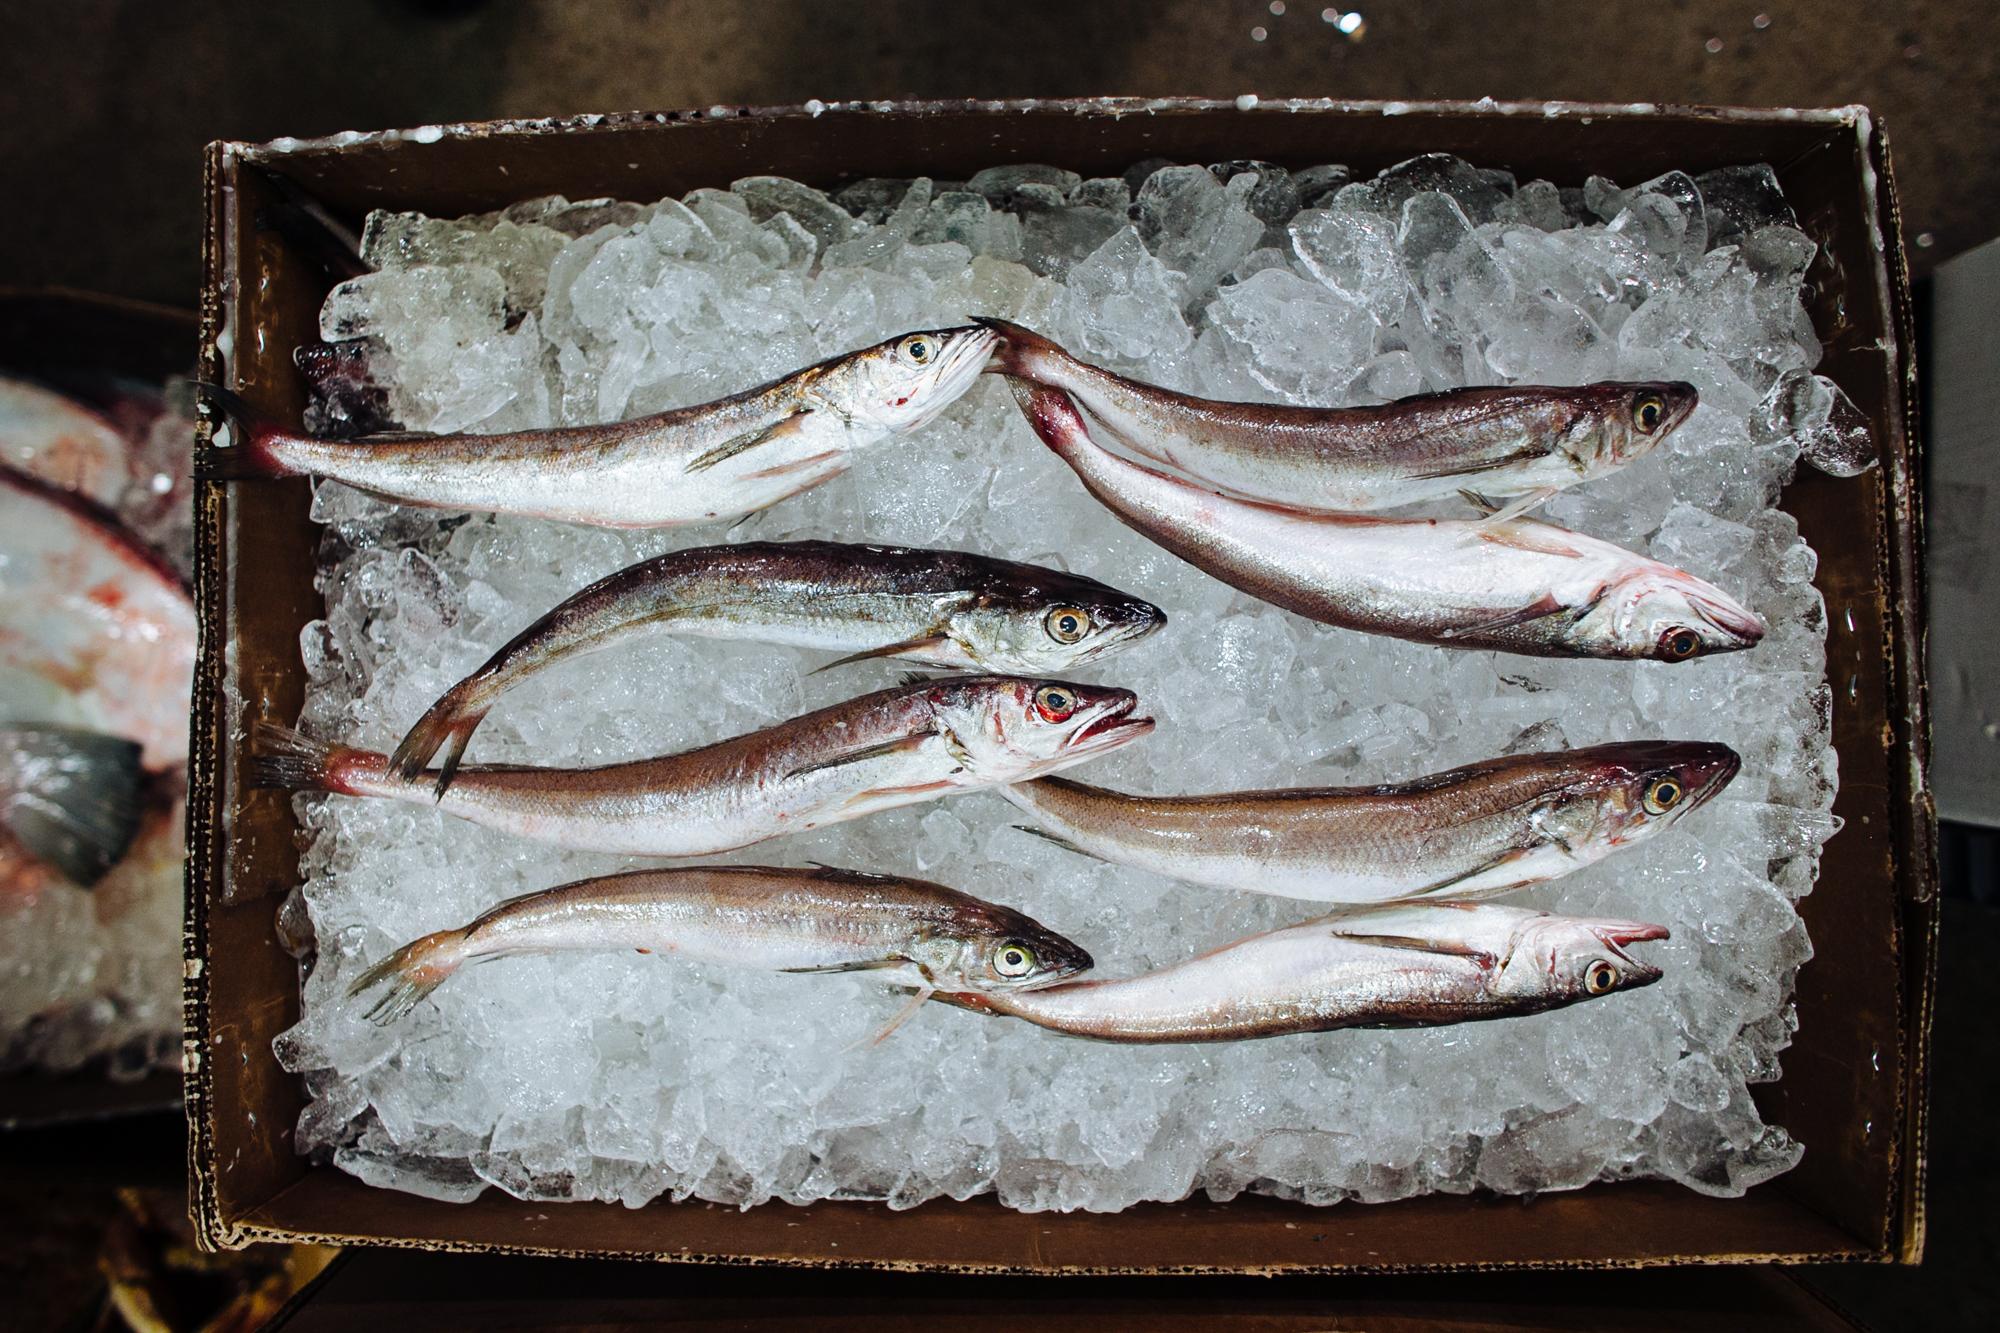 HeatherPhelpsLipton-Fish-HuntsPoint-FultonFishMarket-4.jpg